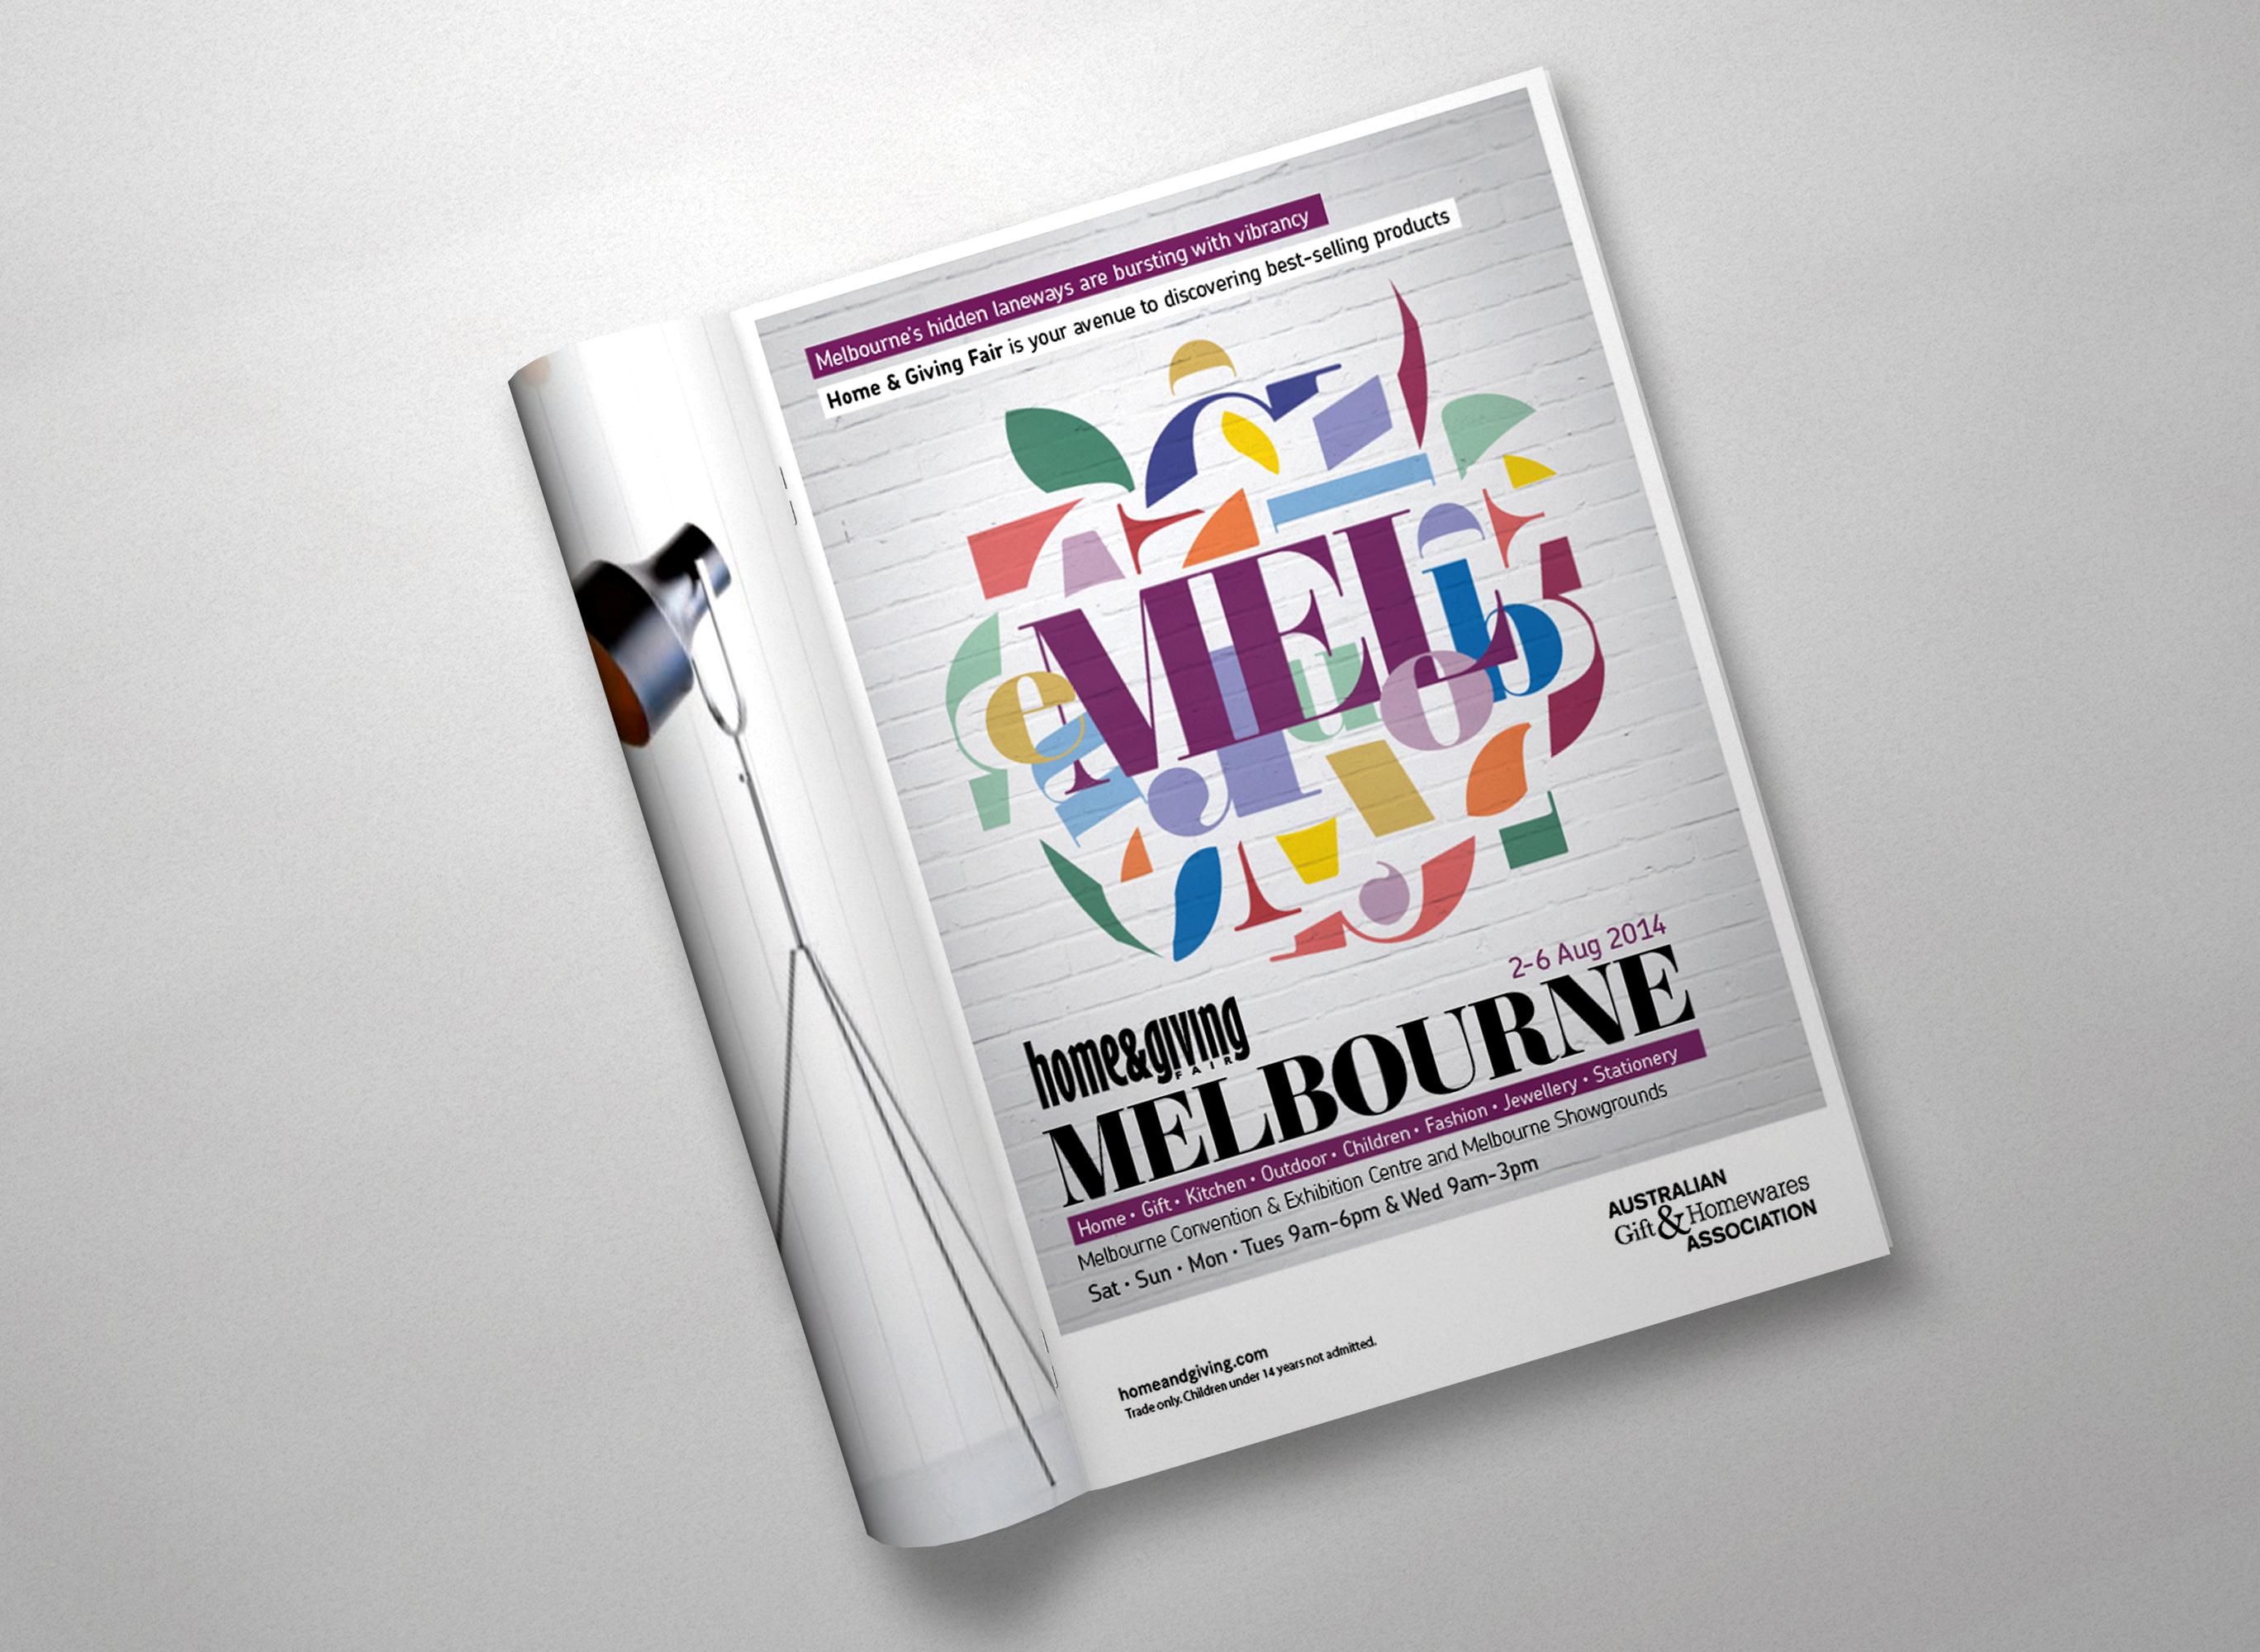 Home & Giving Fair press ad